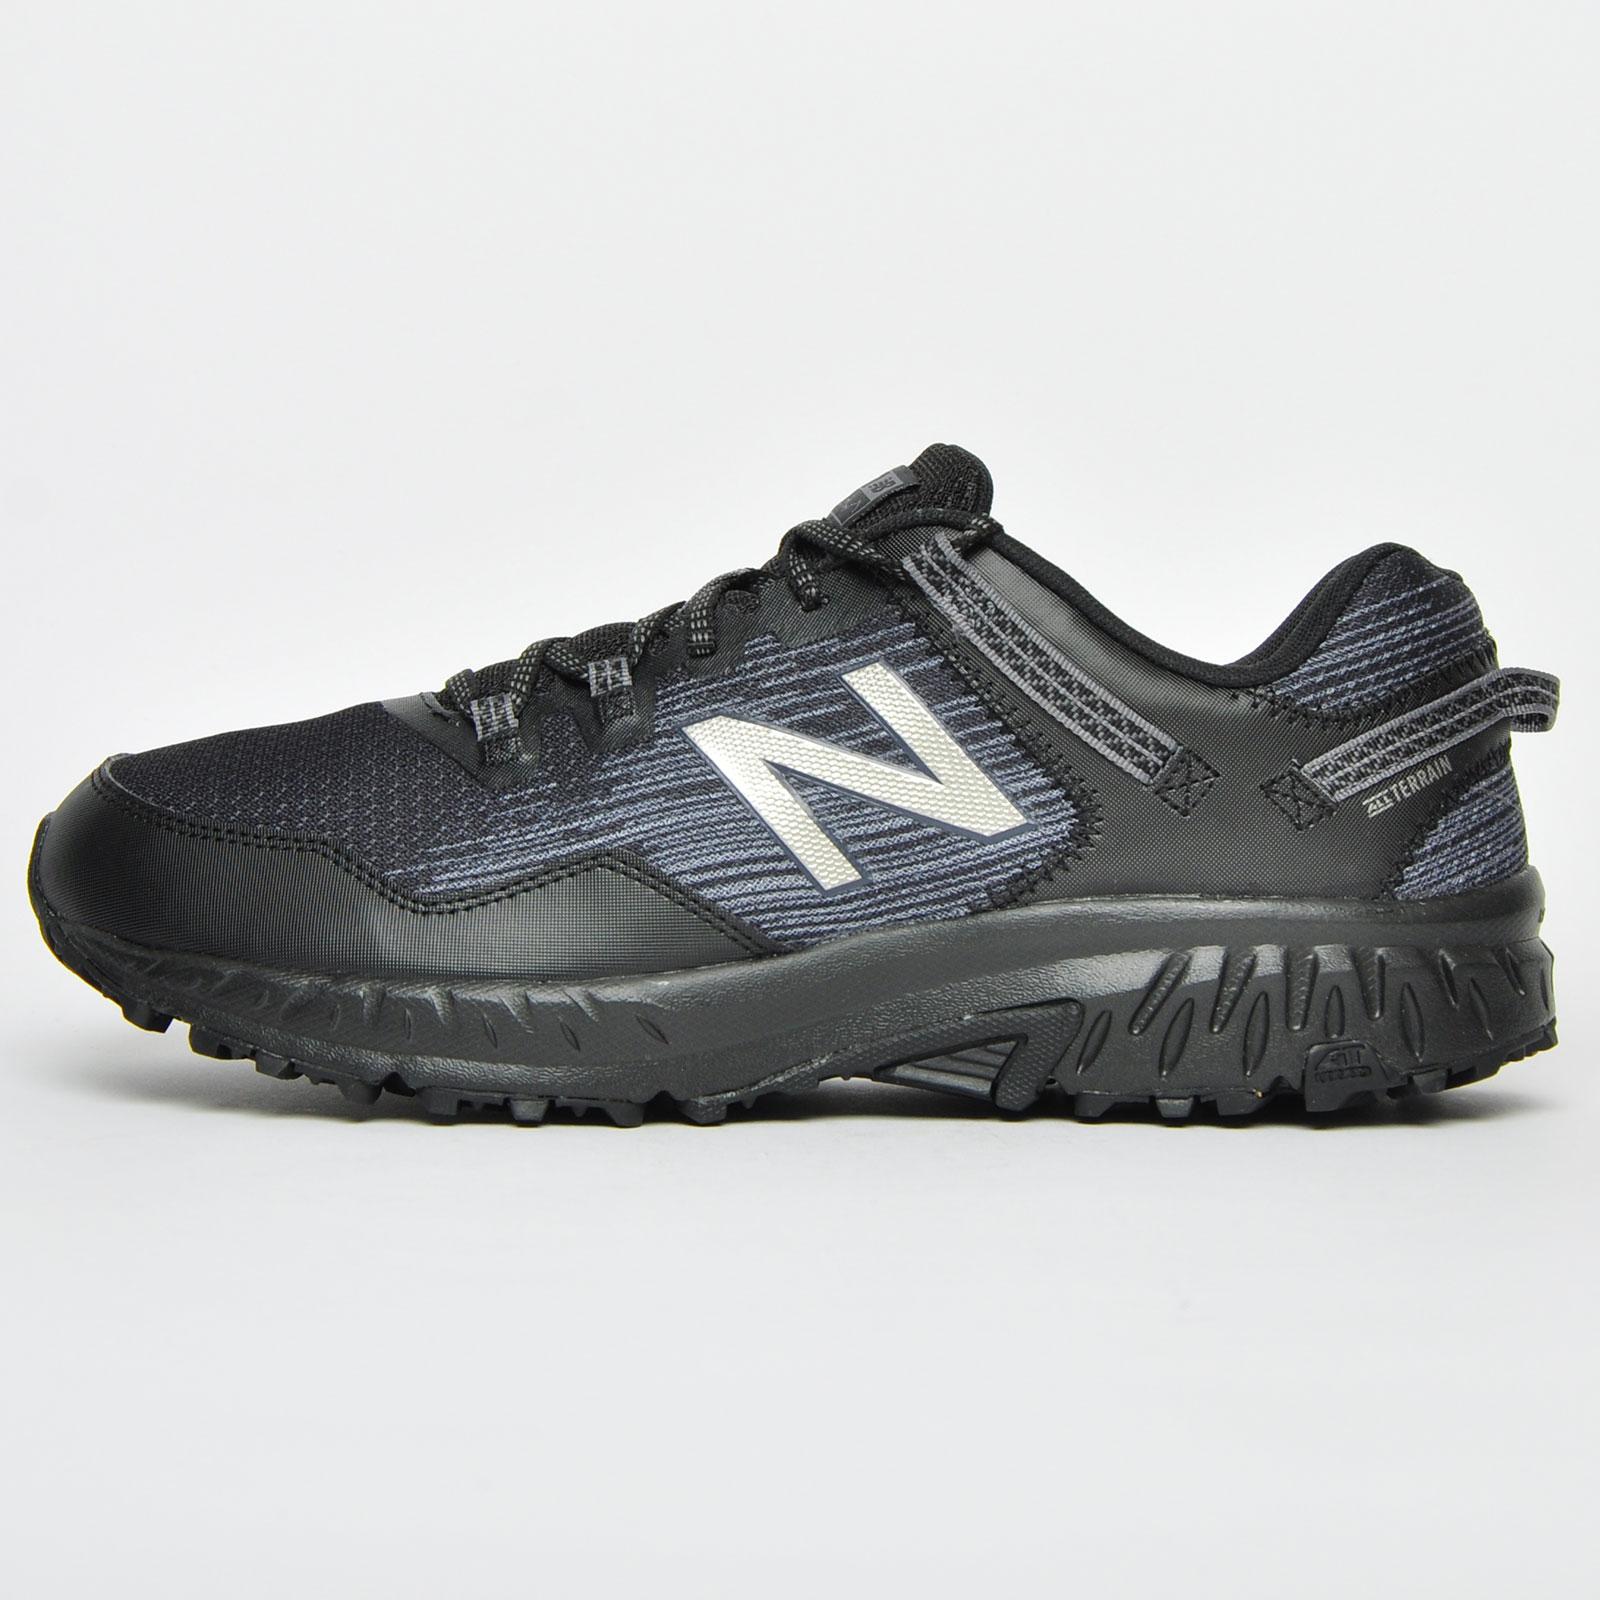 Terrain Trail Running Shoes Black